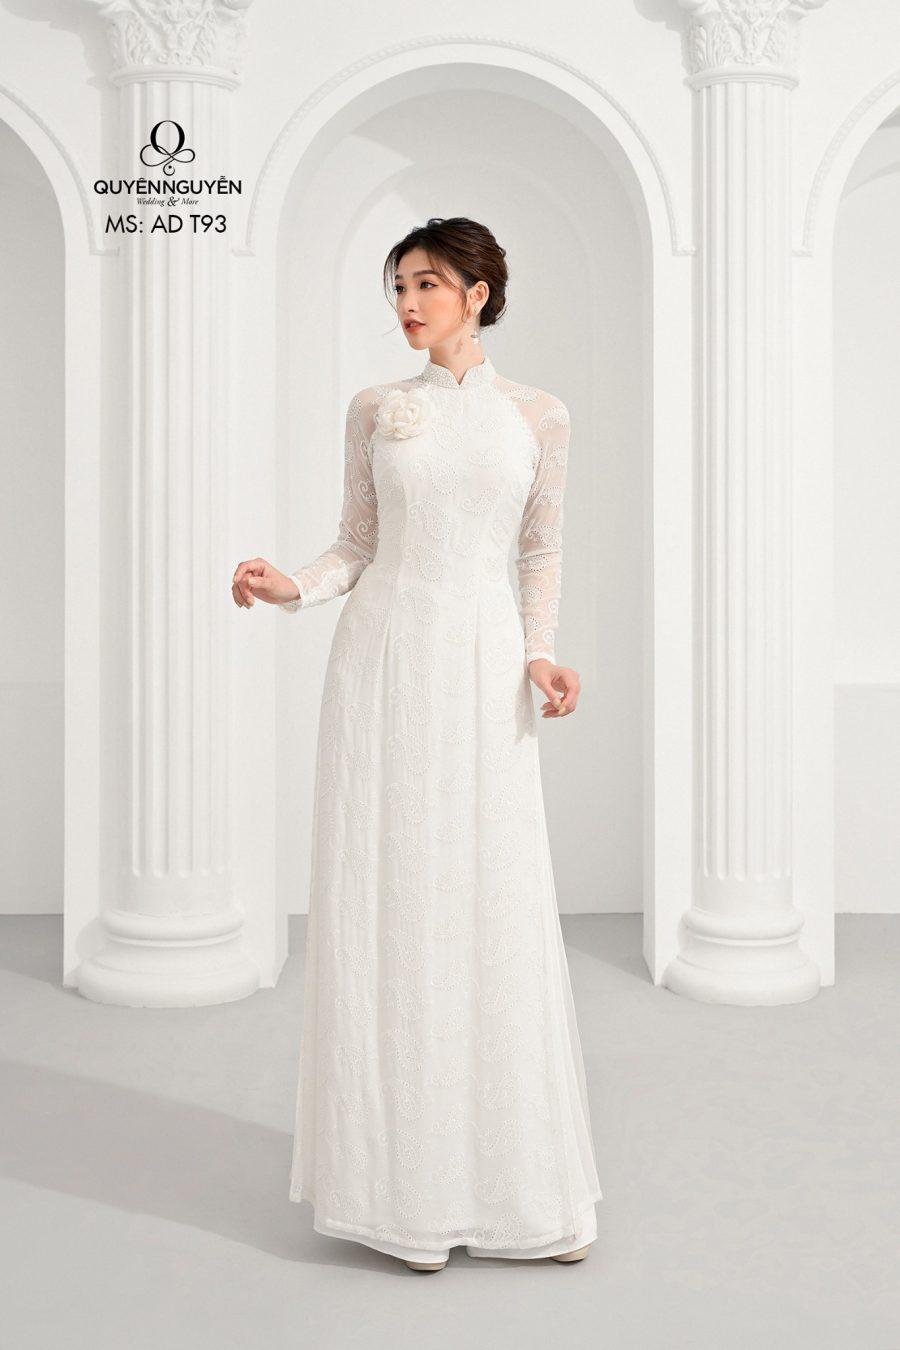 Cửa hàng may sẵn áo dài ở Hà Nội uy tín và chất lượng!